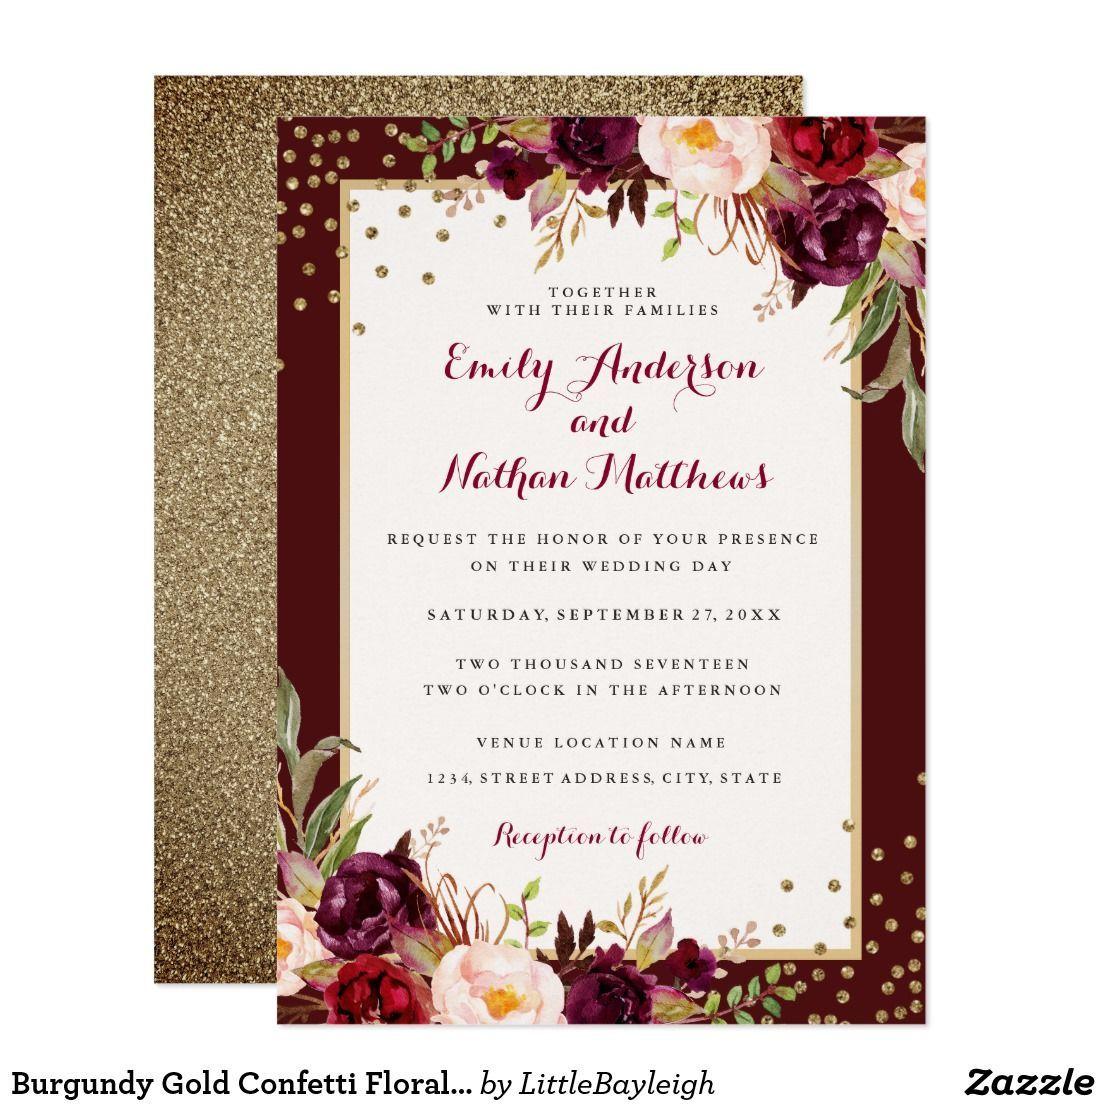 Burgundy Gold Confetti Floral Wedding Invitation  Wedding